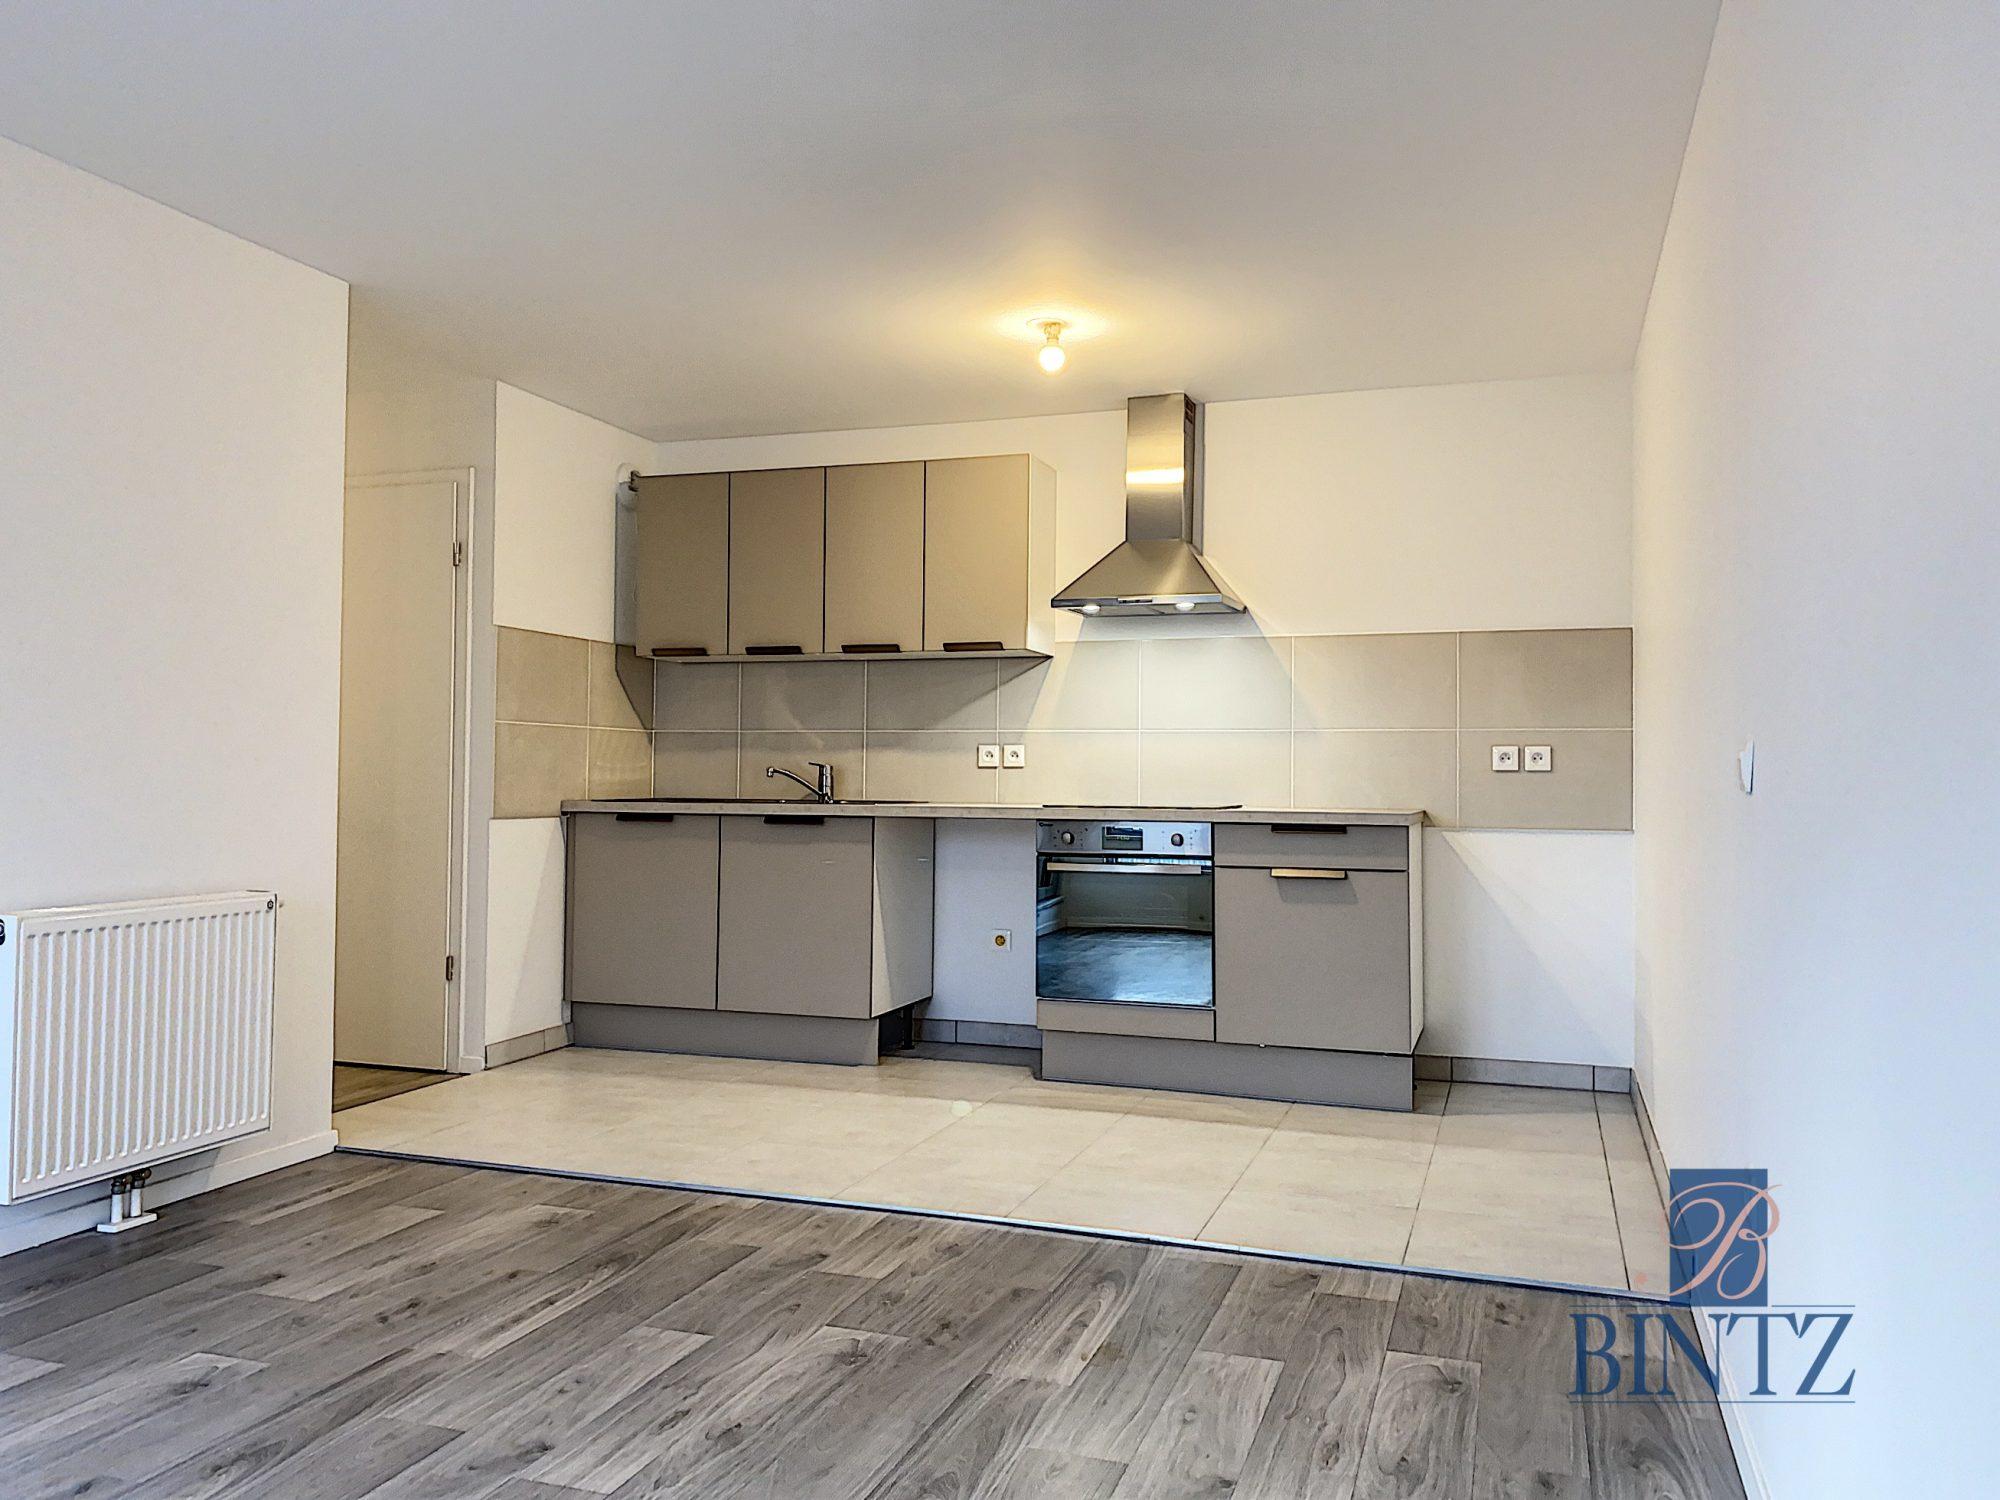 3 Pièces NEUF Quartier des brasseurs - Devenez locataire en toute sérénité - Bintz Immobilier - 11